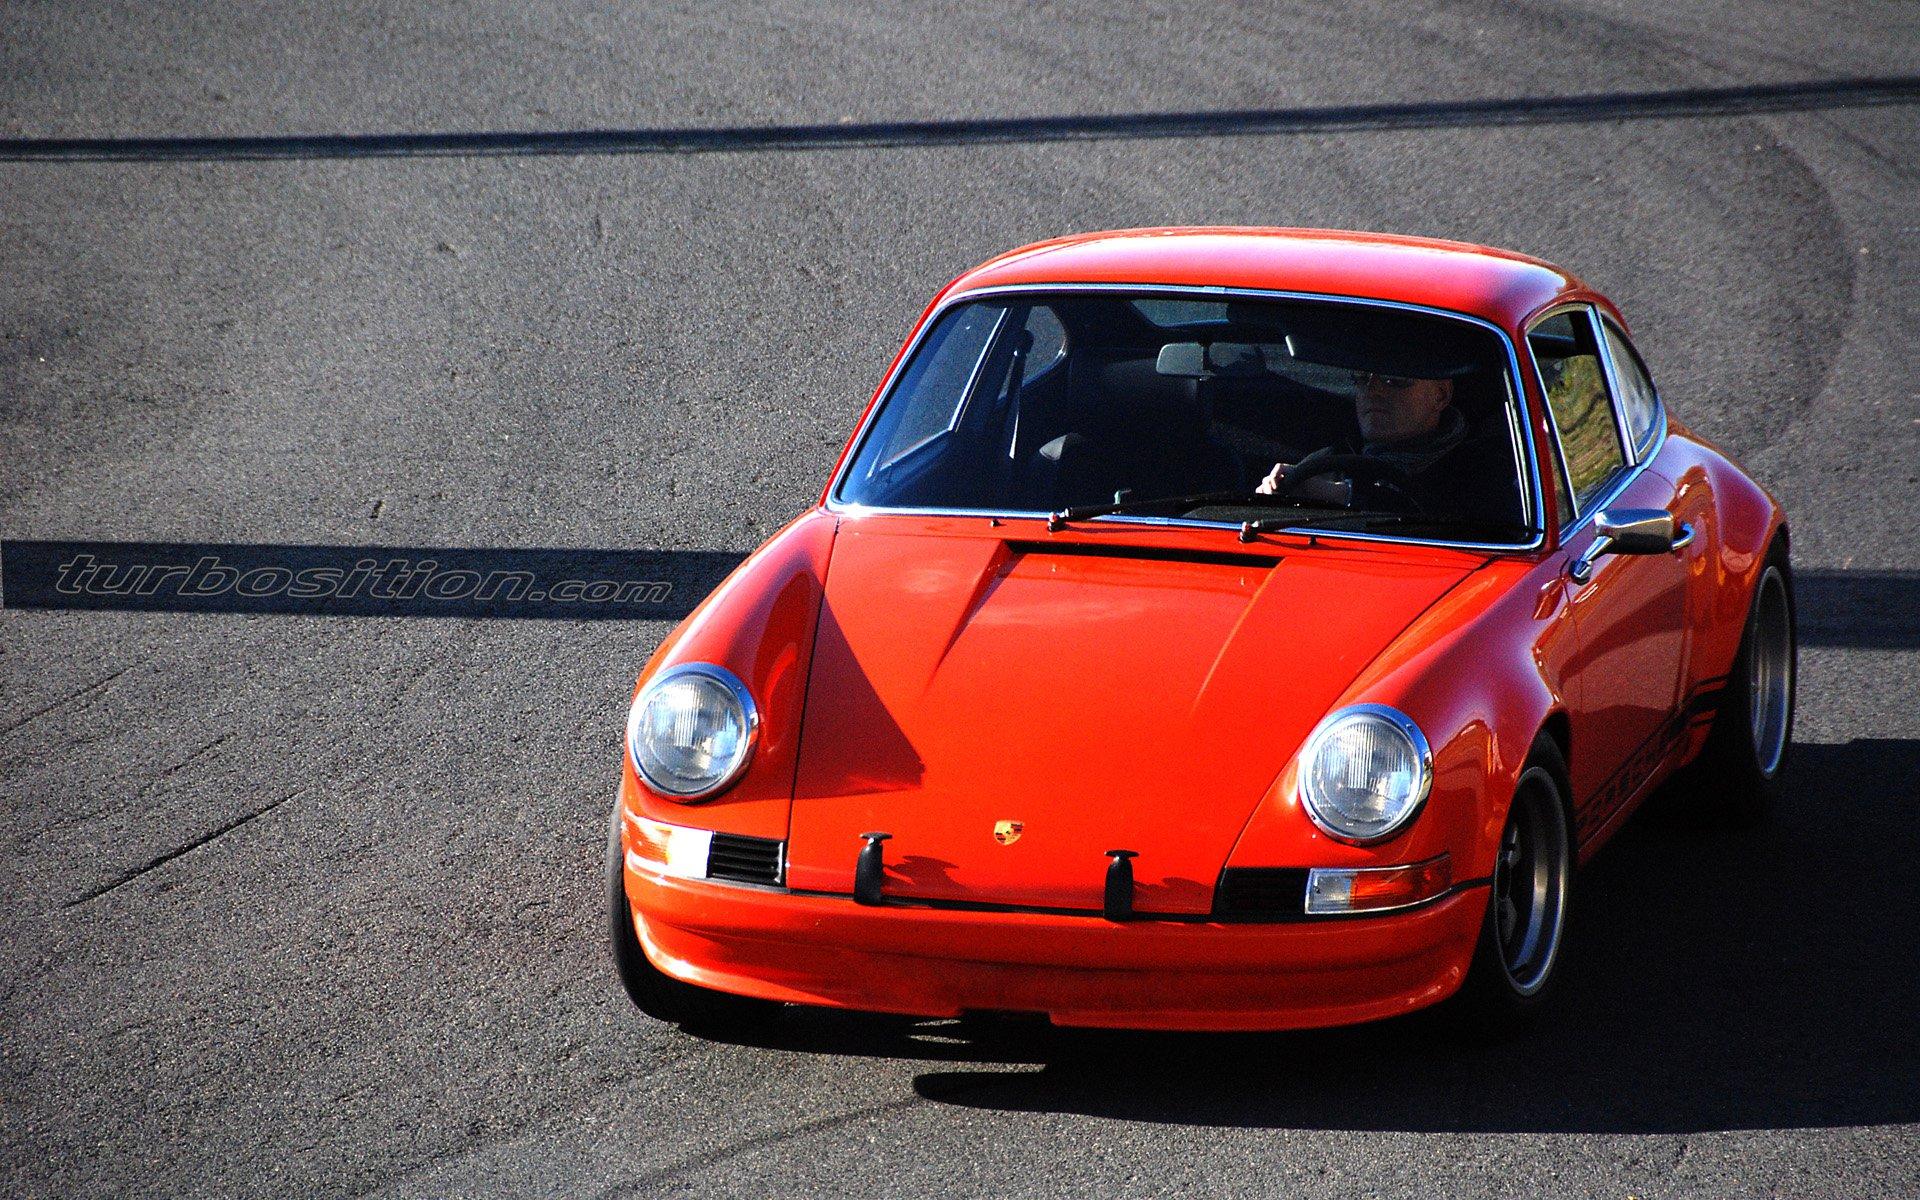 Porsche 911 St Porsche Des Monats 2013 04 Turbosition